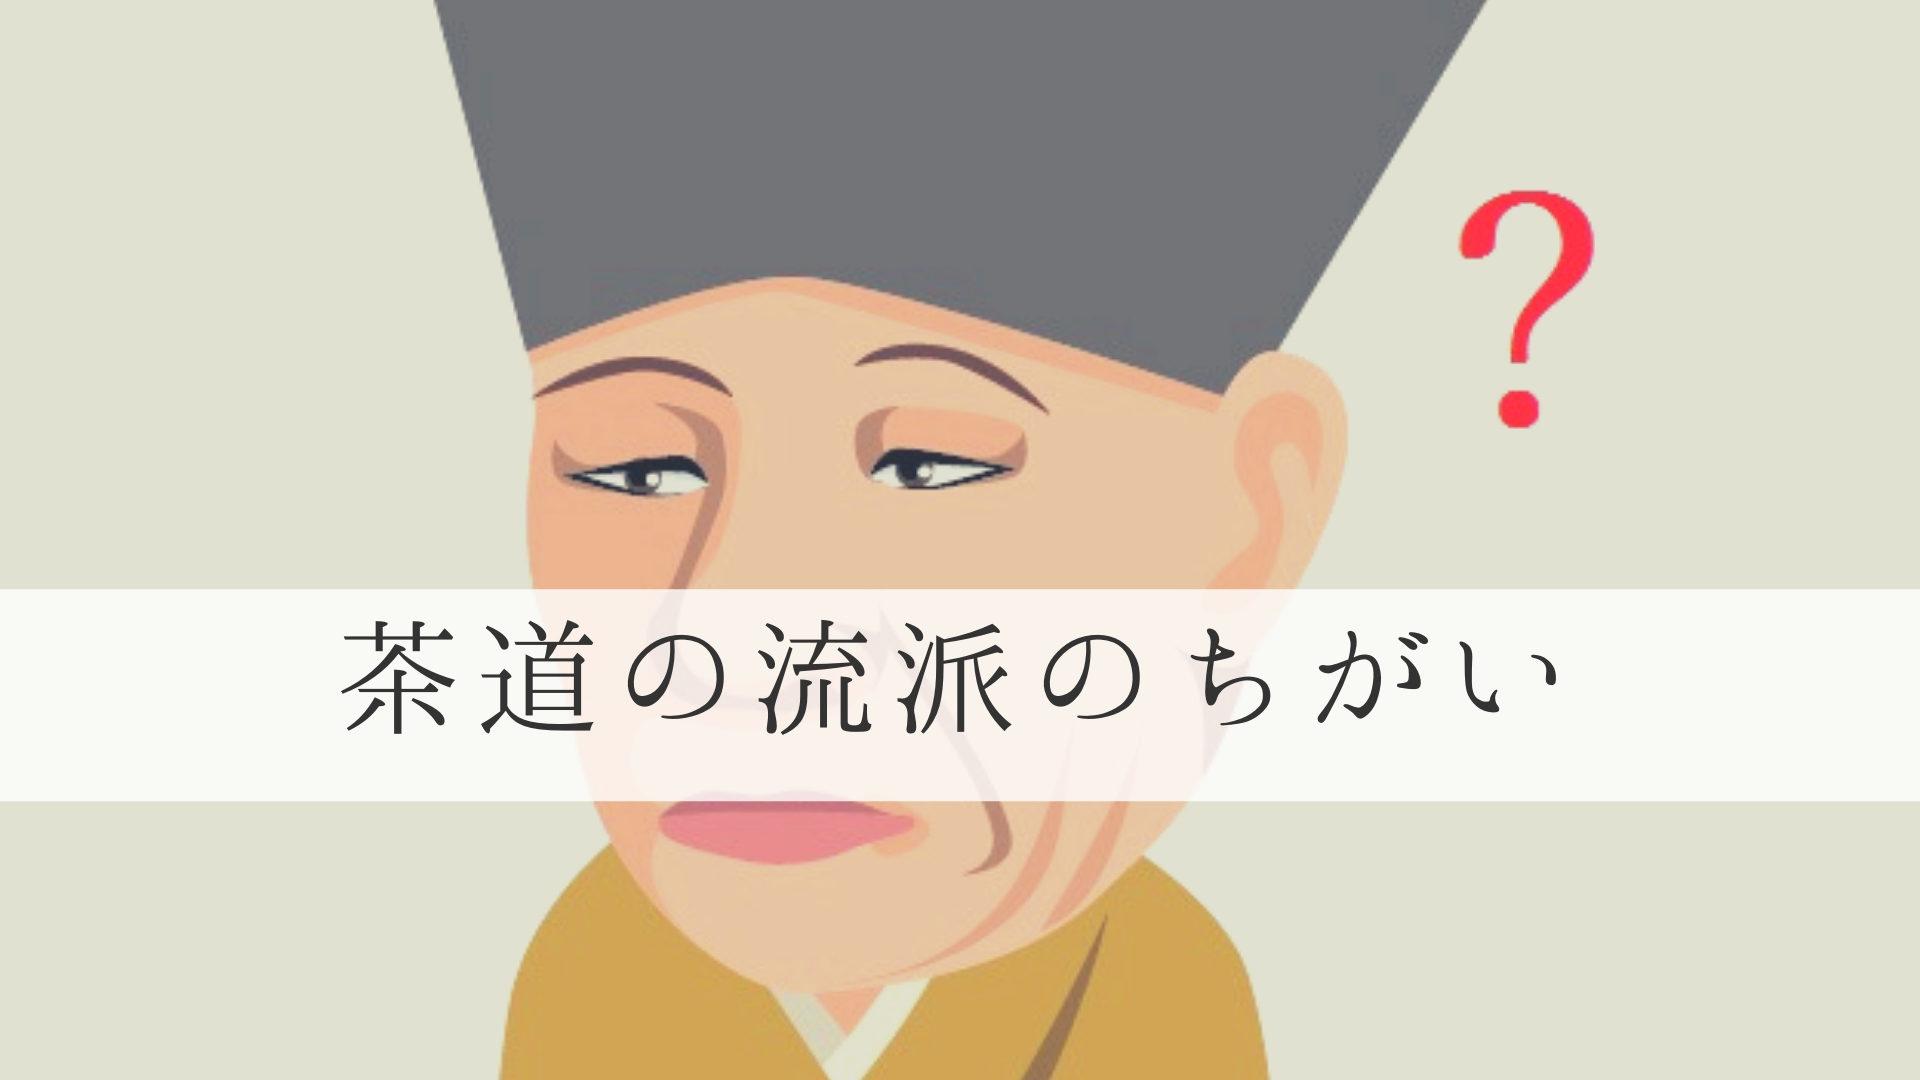 茶道流派の違いのアイキャッチ画像